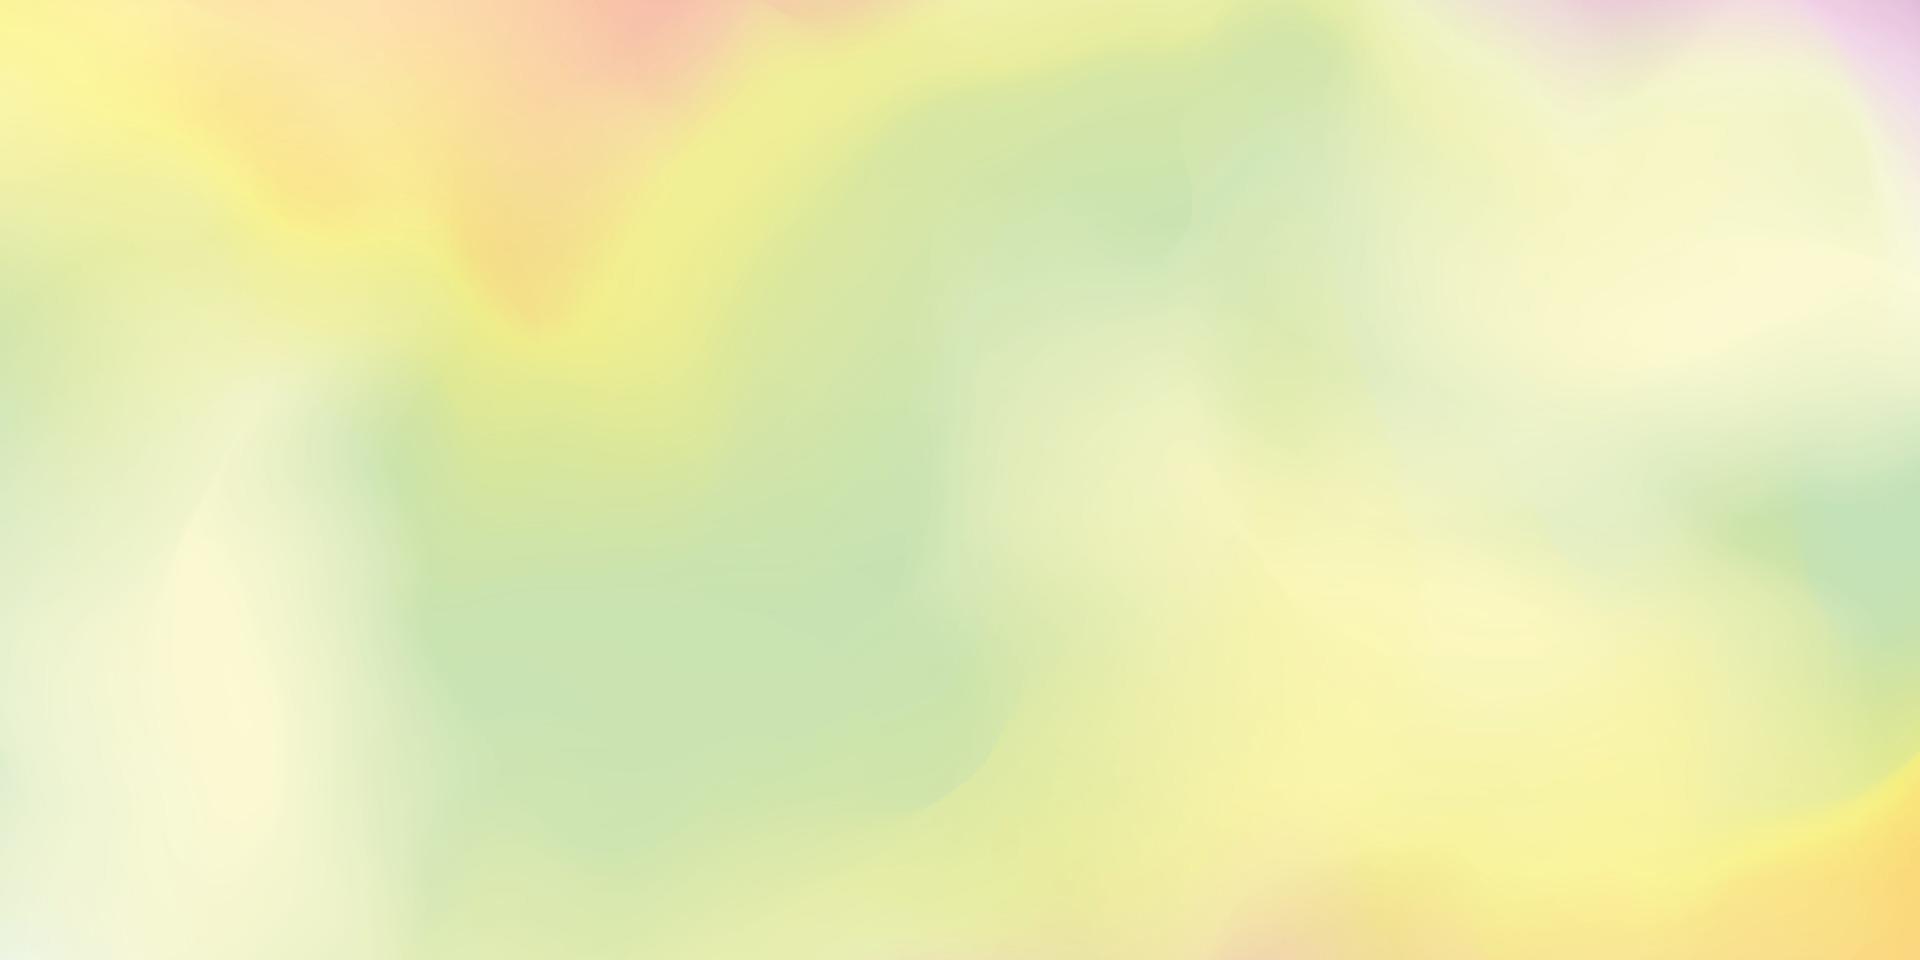 abstraktes buntes Hintergrundhintergrundkonzept des Pastells für Ihr Grafikdesign, vektor